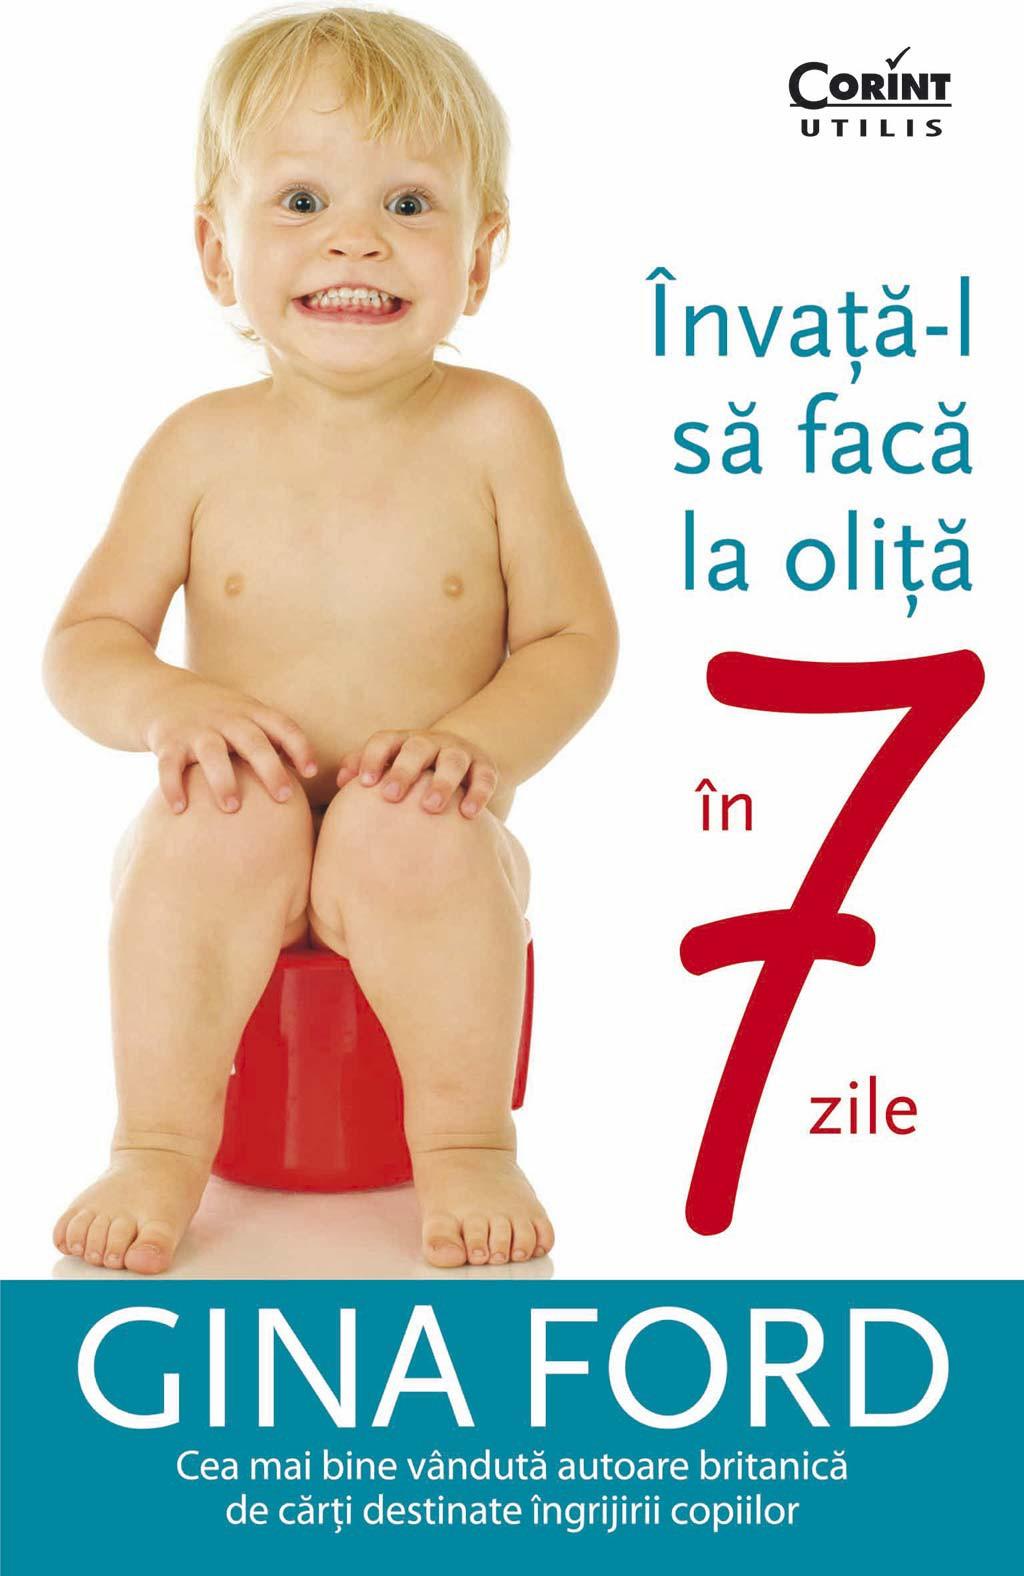 Cartea Bebelusului Fericit Pdf Free //FREE\\ invata-l-sa-faca-la-olita-in-7-zile_1_fullsize